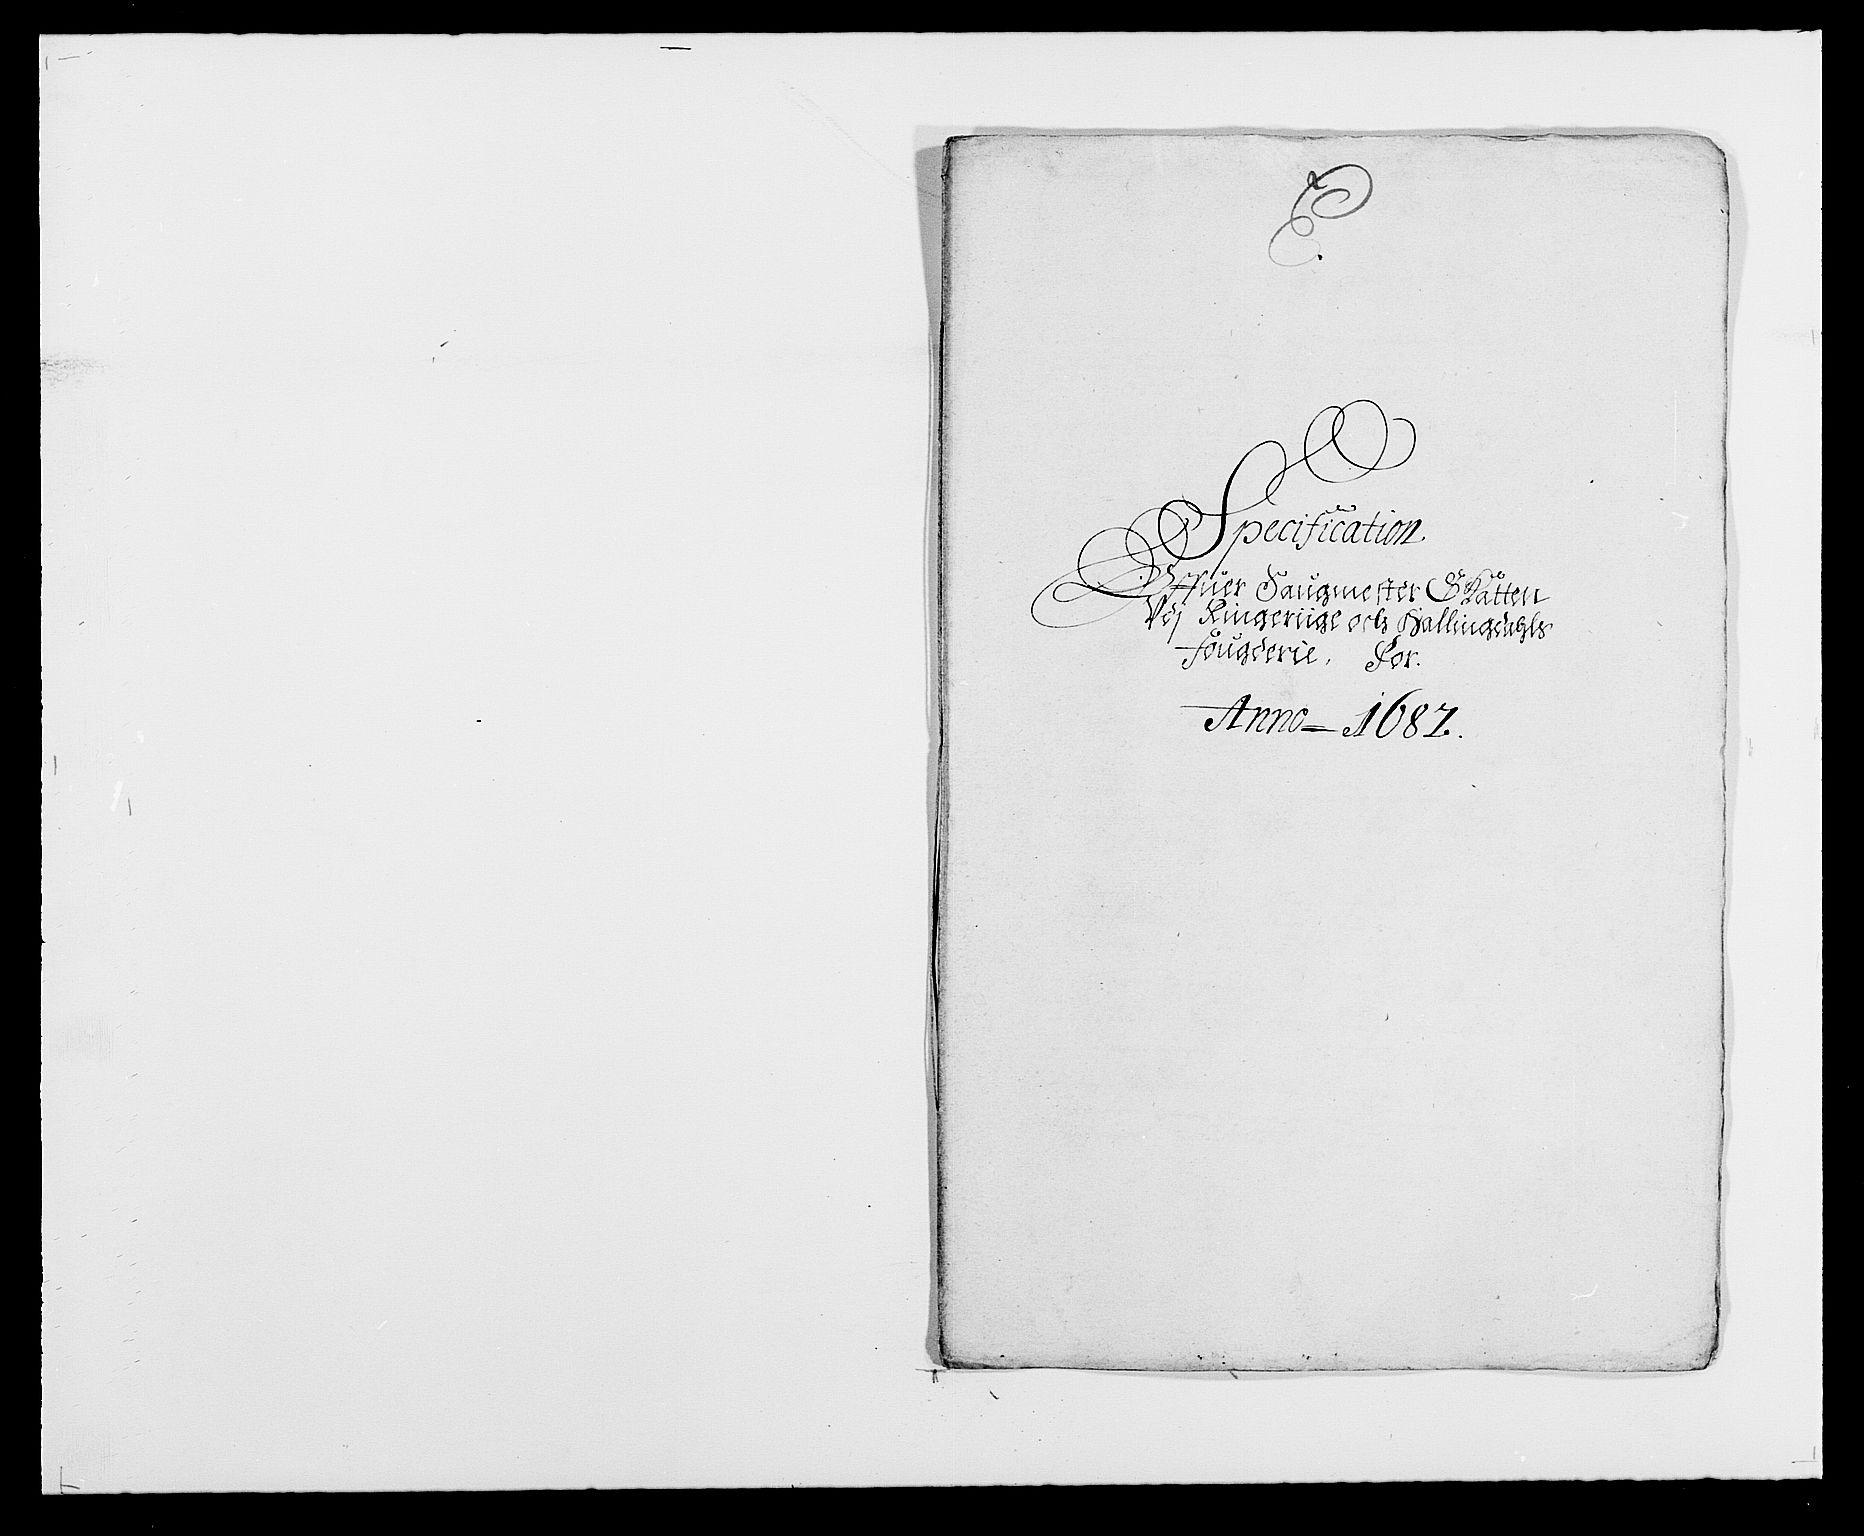 RA, Rentekammeret inntil 1814, Reviderte regnskaper, Fogderegnskap, R21/L1445: Fogderegnskap Ringerike og Hallingdal, 1681-1689, s. 372